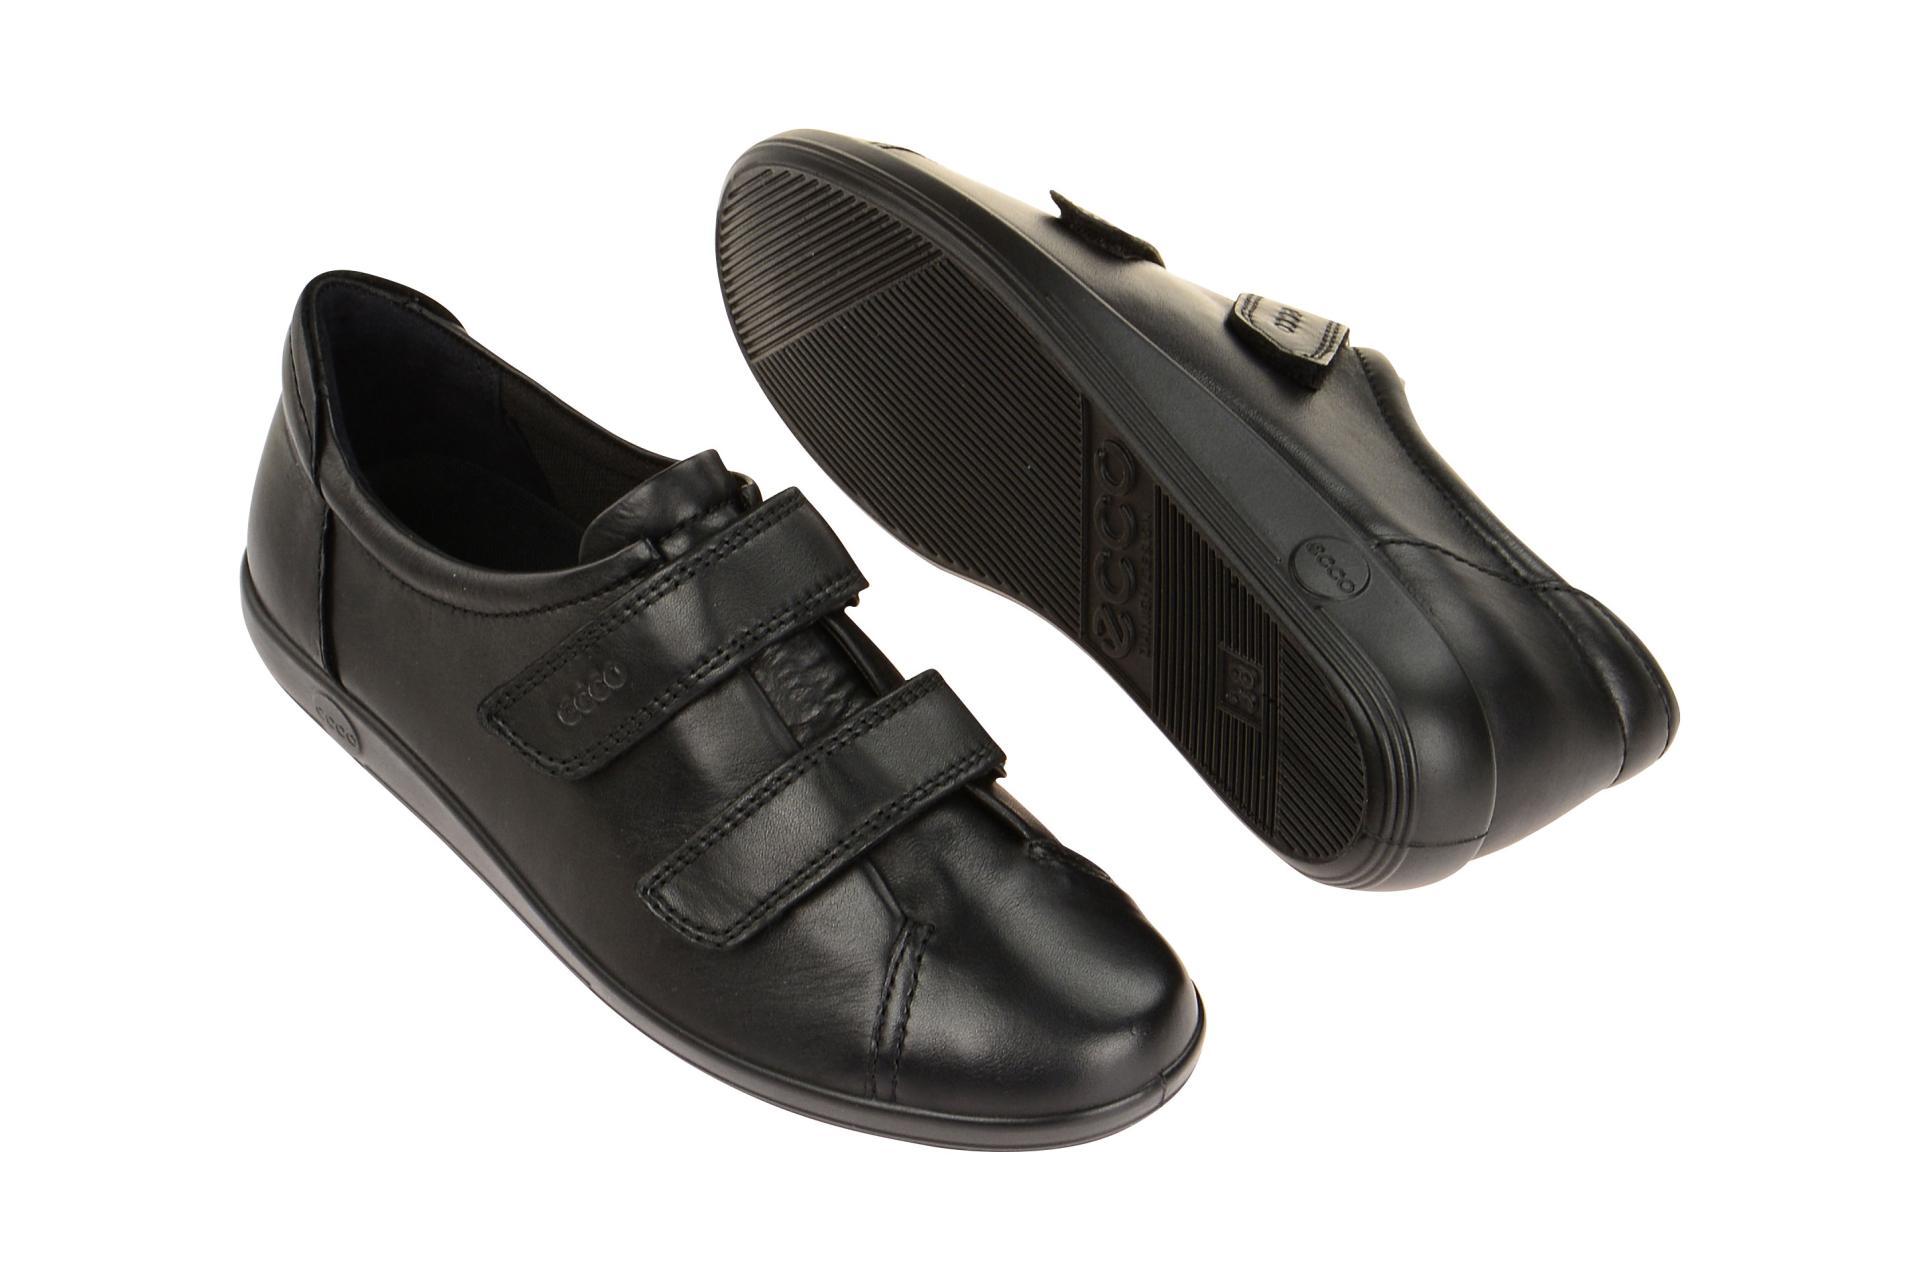 d0ac61c712a4bf Ecco Schuhe SOFT 2.0 schwarz Damenschuhe bequeme Slipper 20651356723 ...